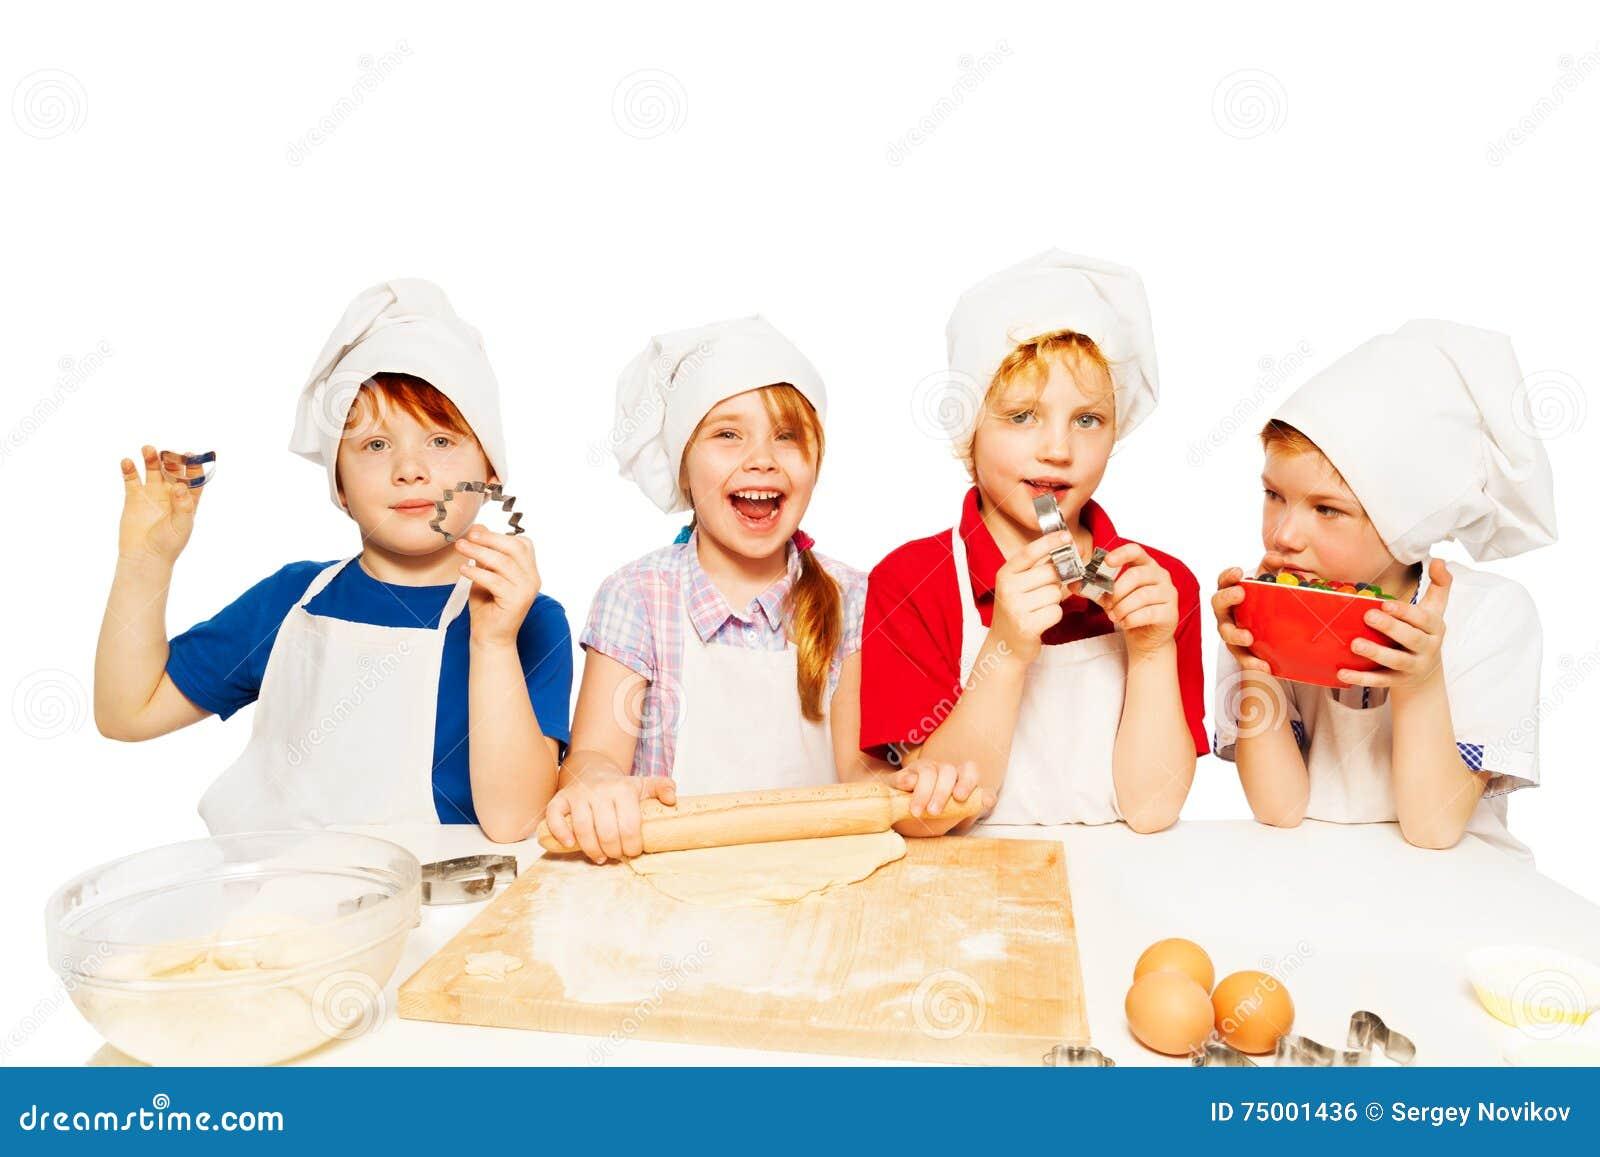 Jonge bakkers die deeg met keuken-materiaal maken